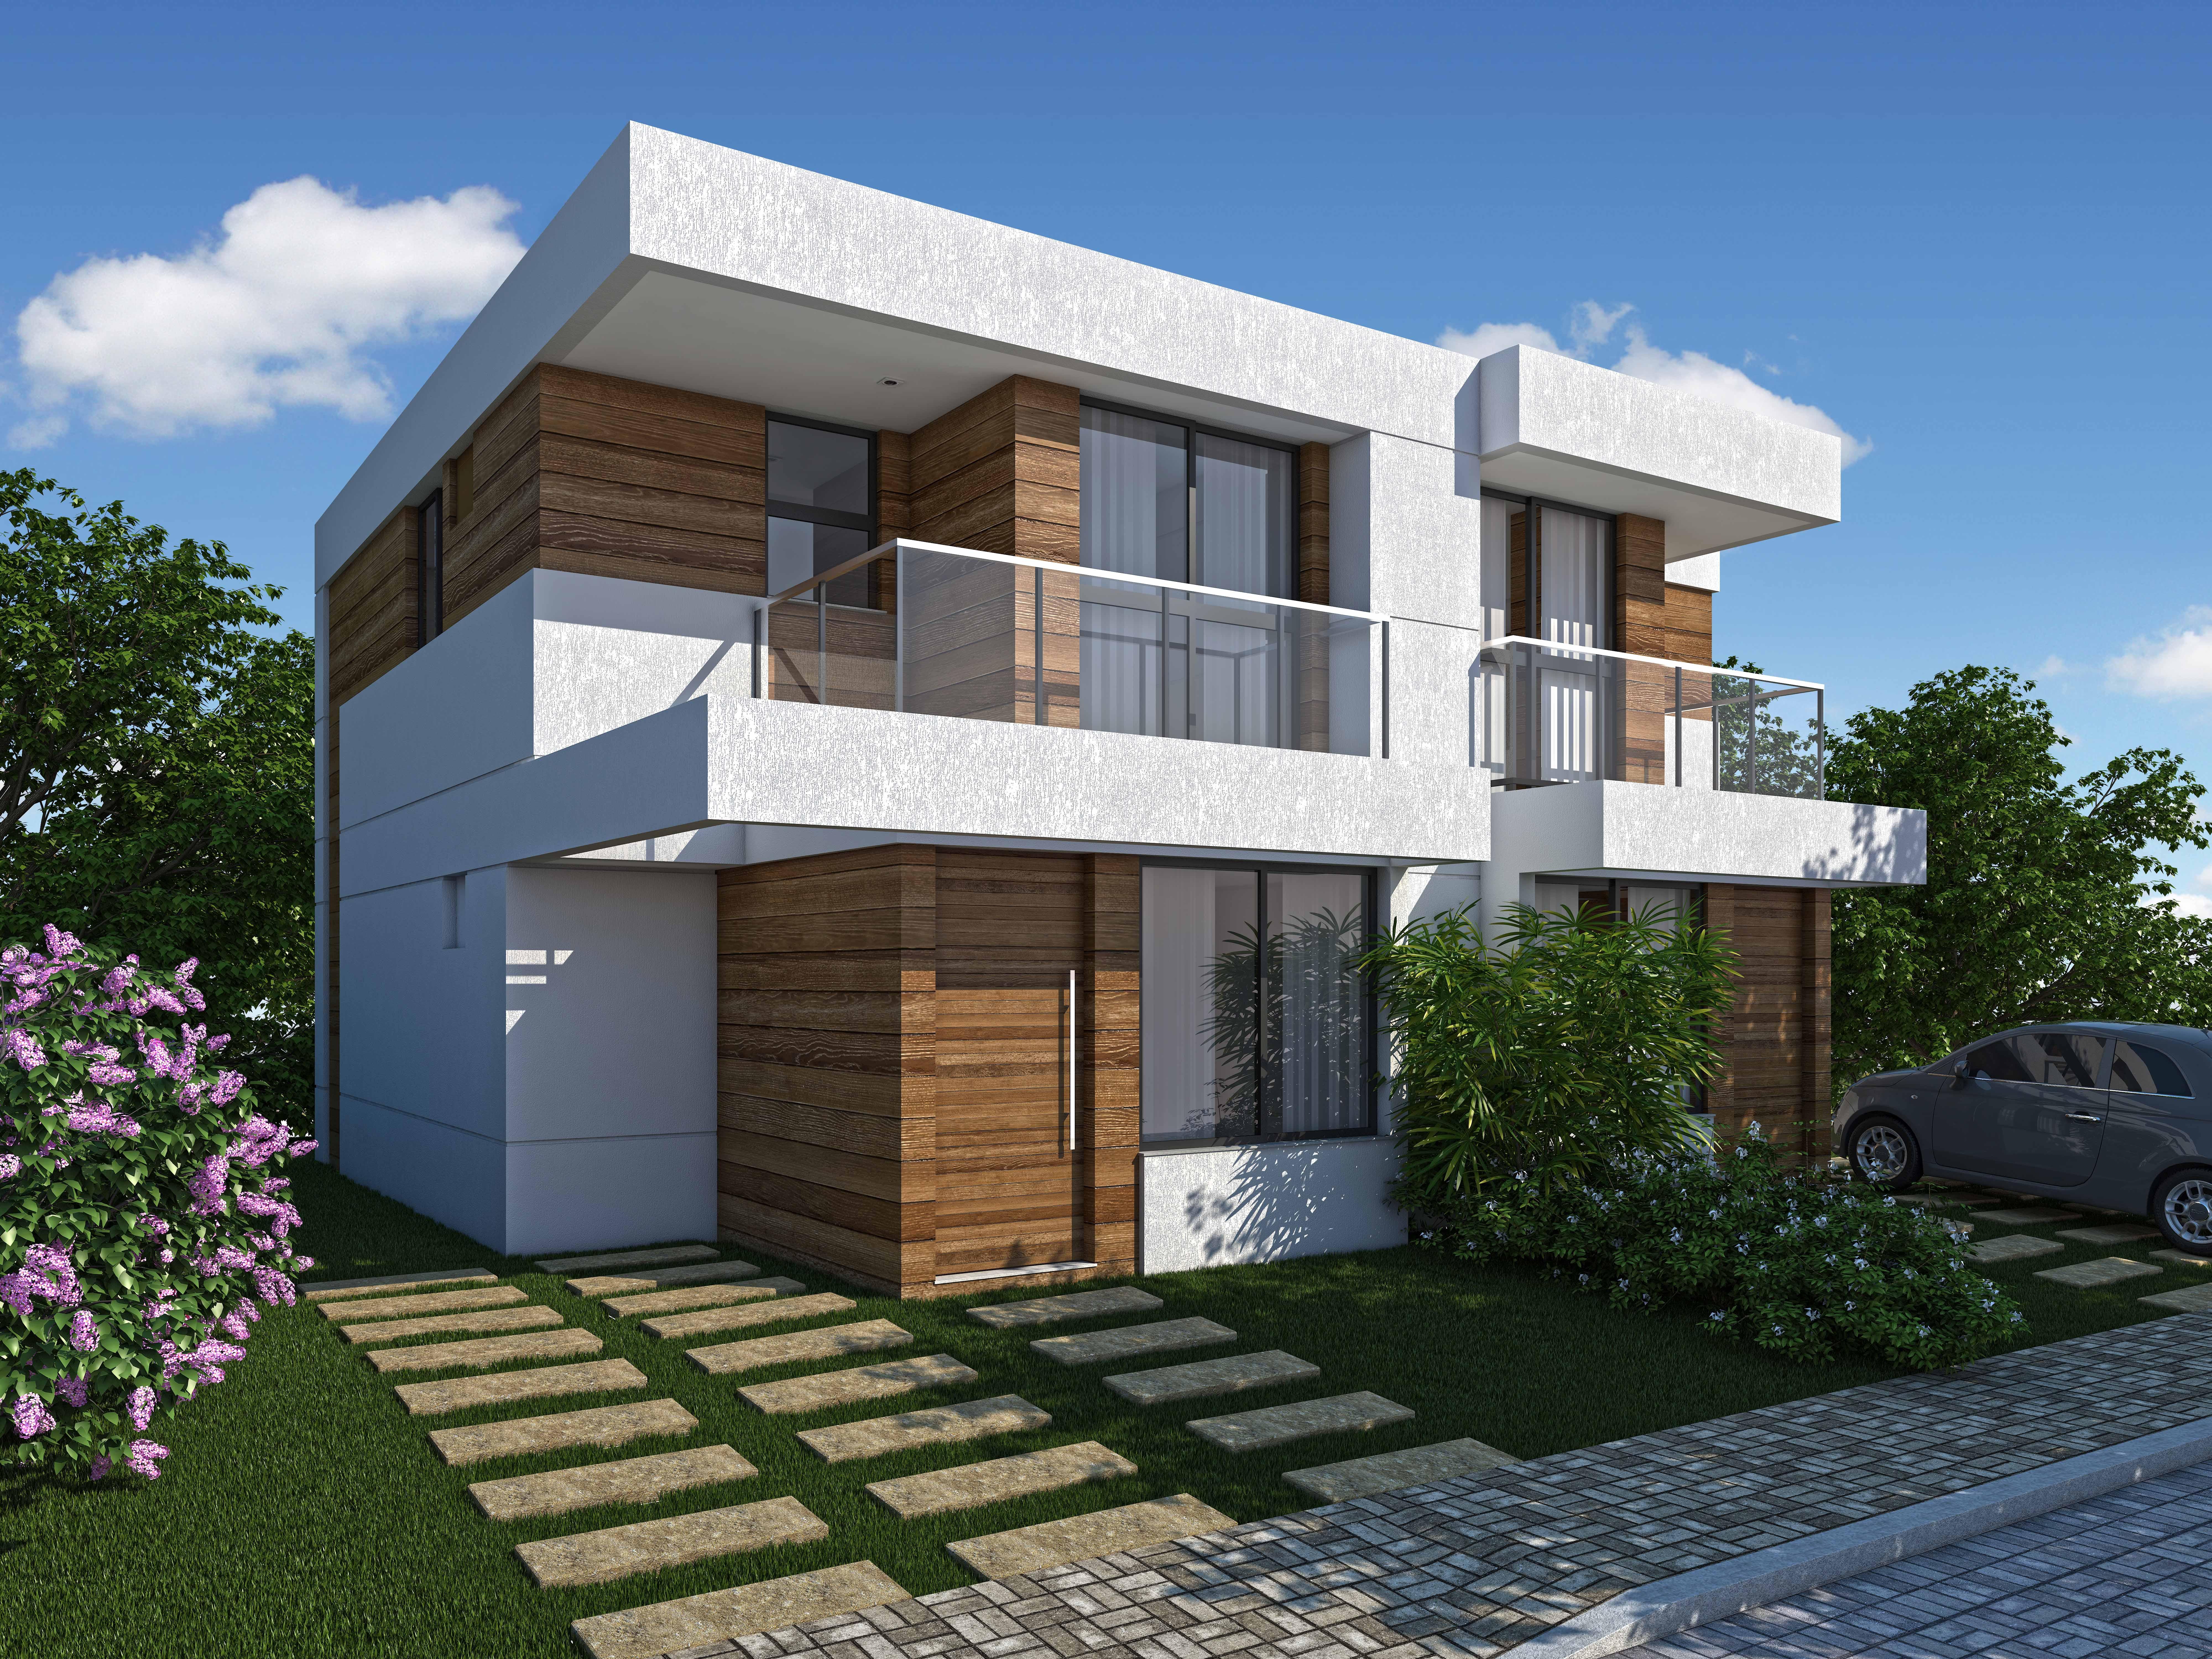 132 casas bonitas modernas fotos lindas for Modelos de casas fachadas fotos